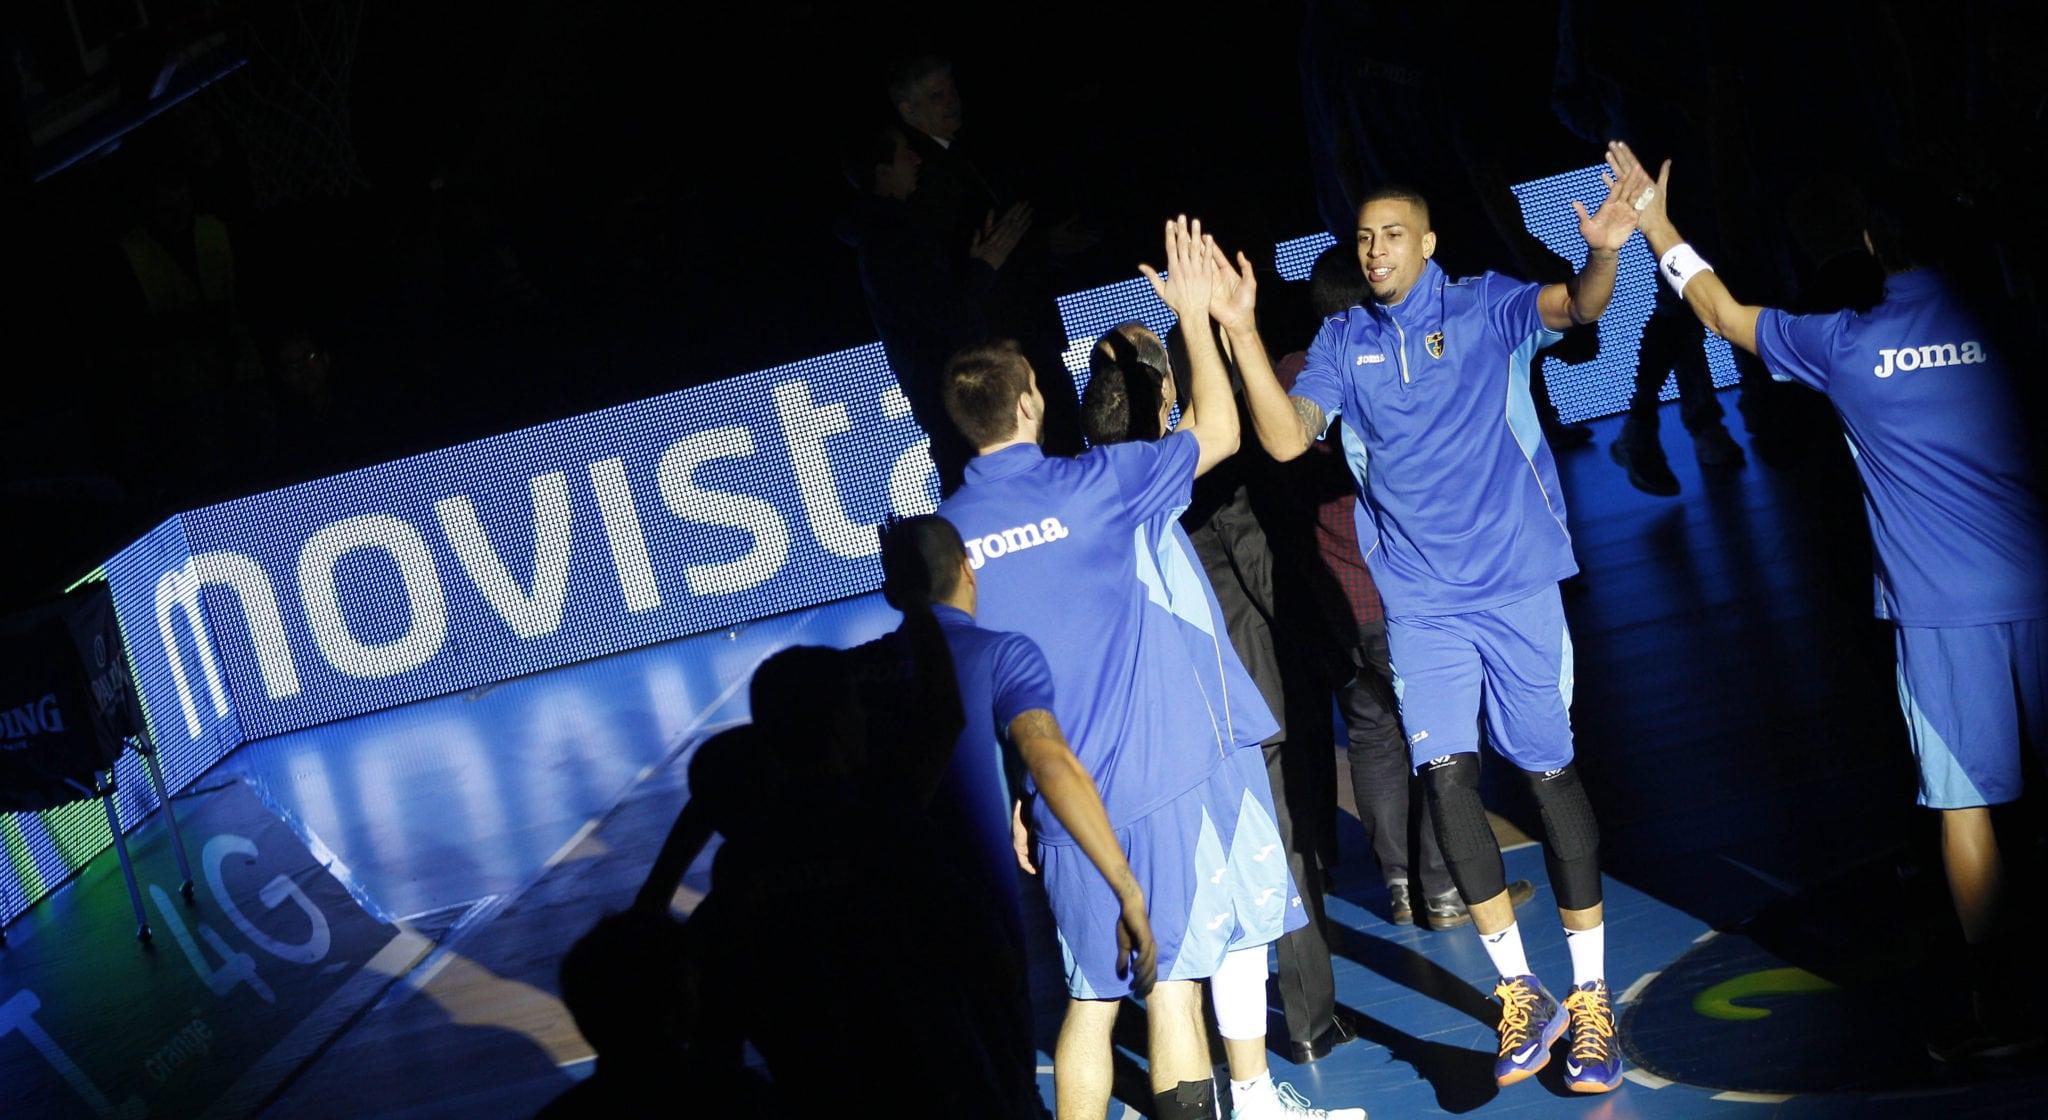 El fortín. Con 8.790 espectadores, Movistar Estudiantes fue el equipo que más público llevó en la jornada ACB por segunda semana consecutiva